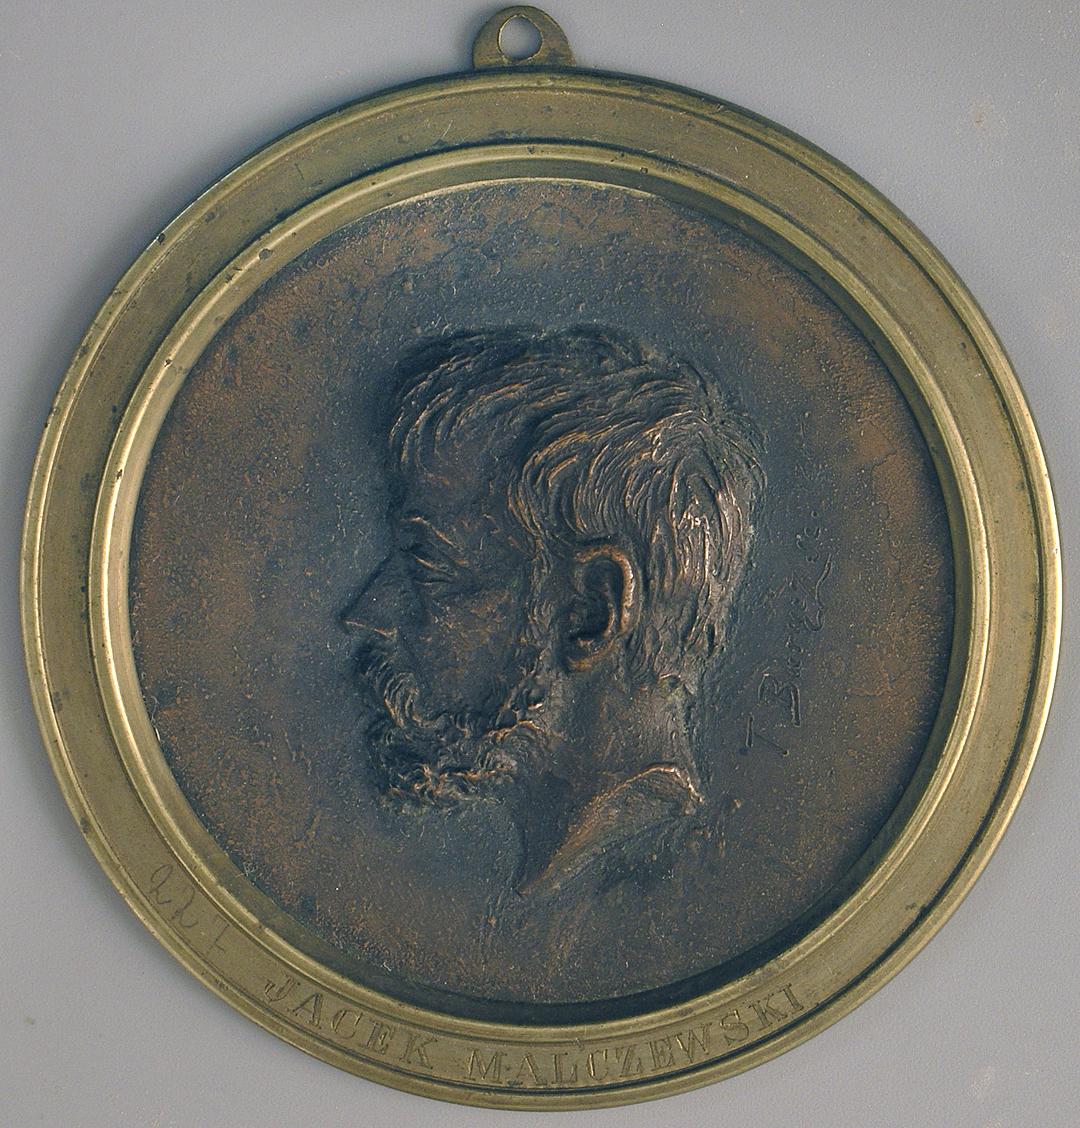 Тадеуш Баронч. Яцек Мальчевський, 1884; бронза